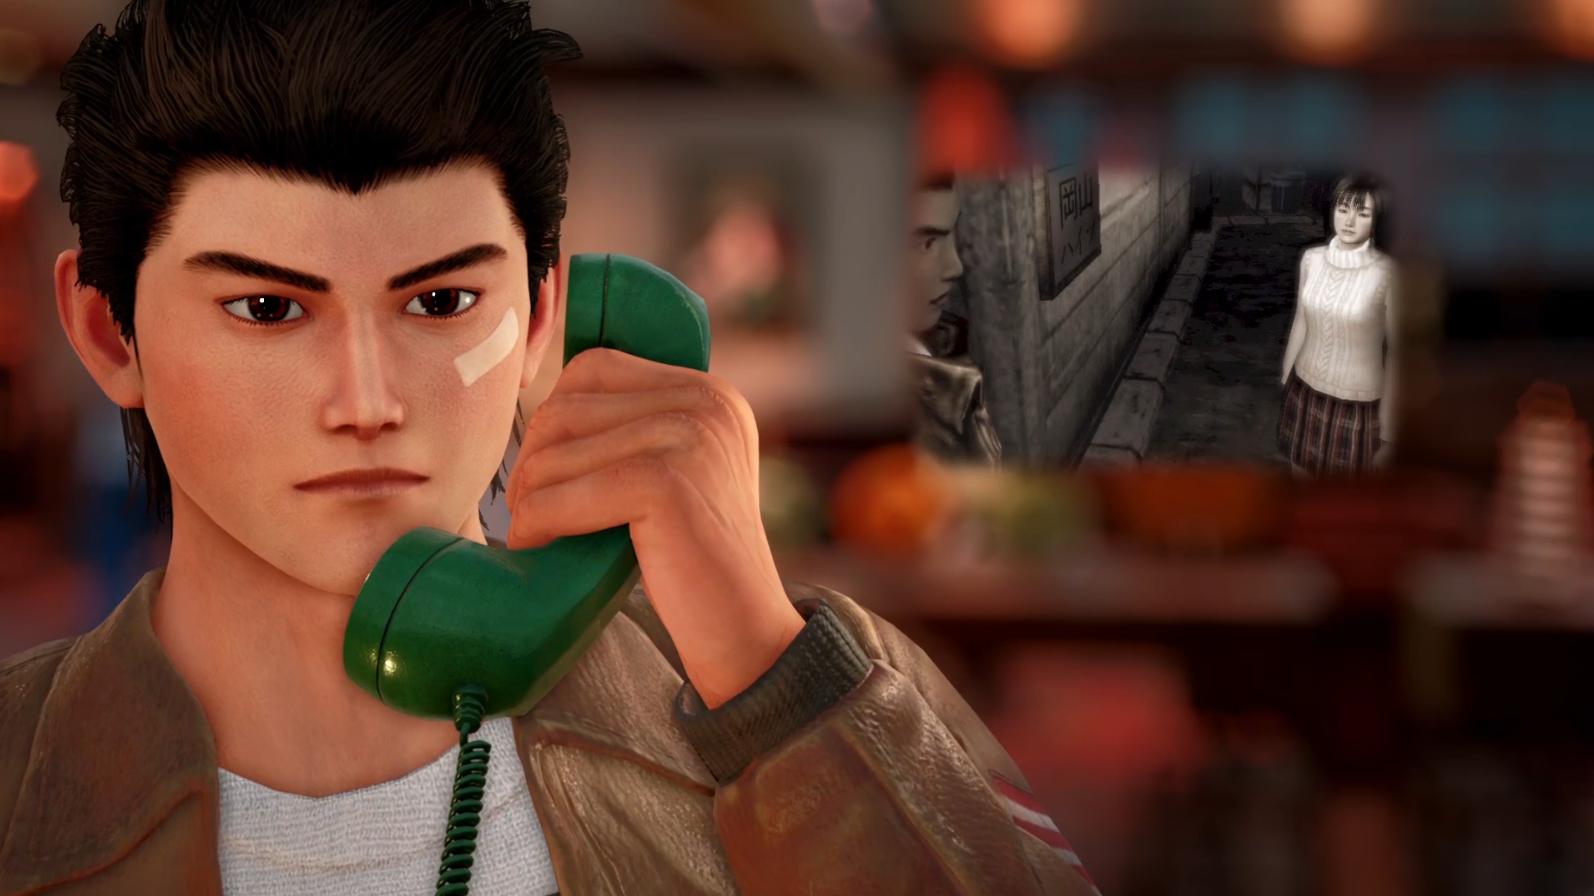 《莎木3》10分钟演示 IGN日本给出十大期待理由